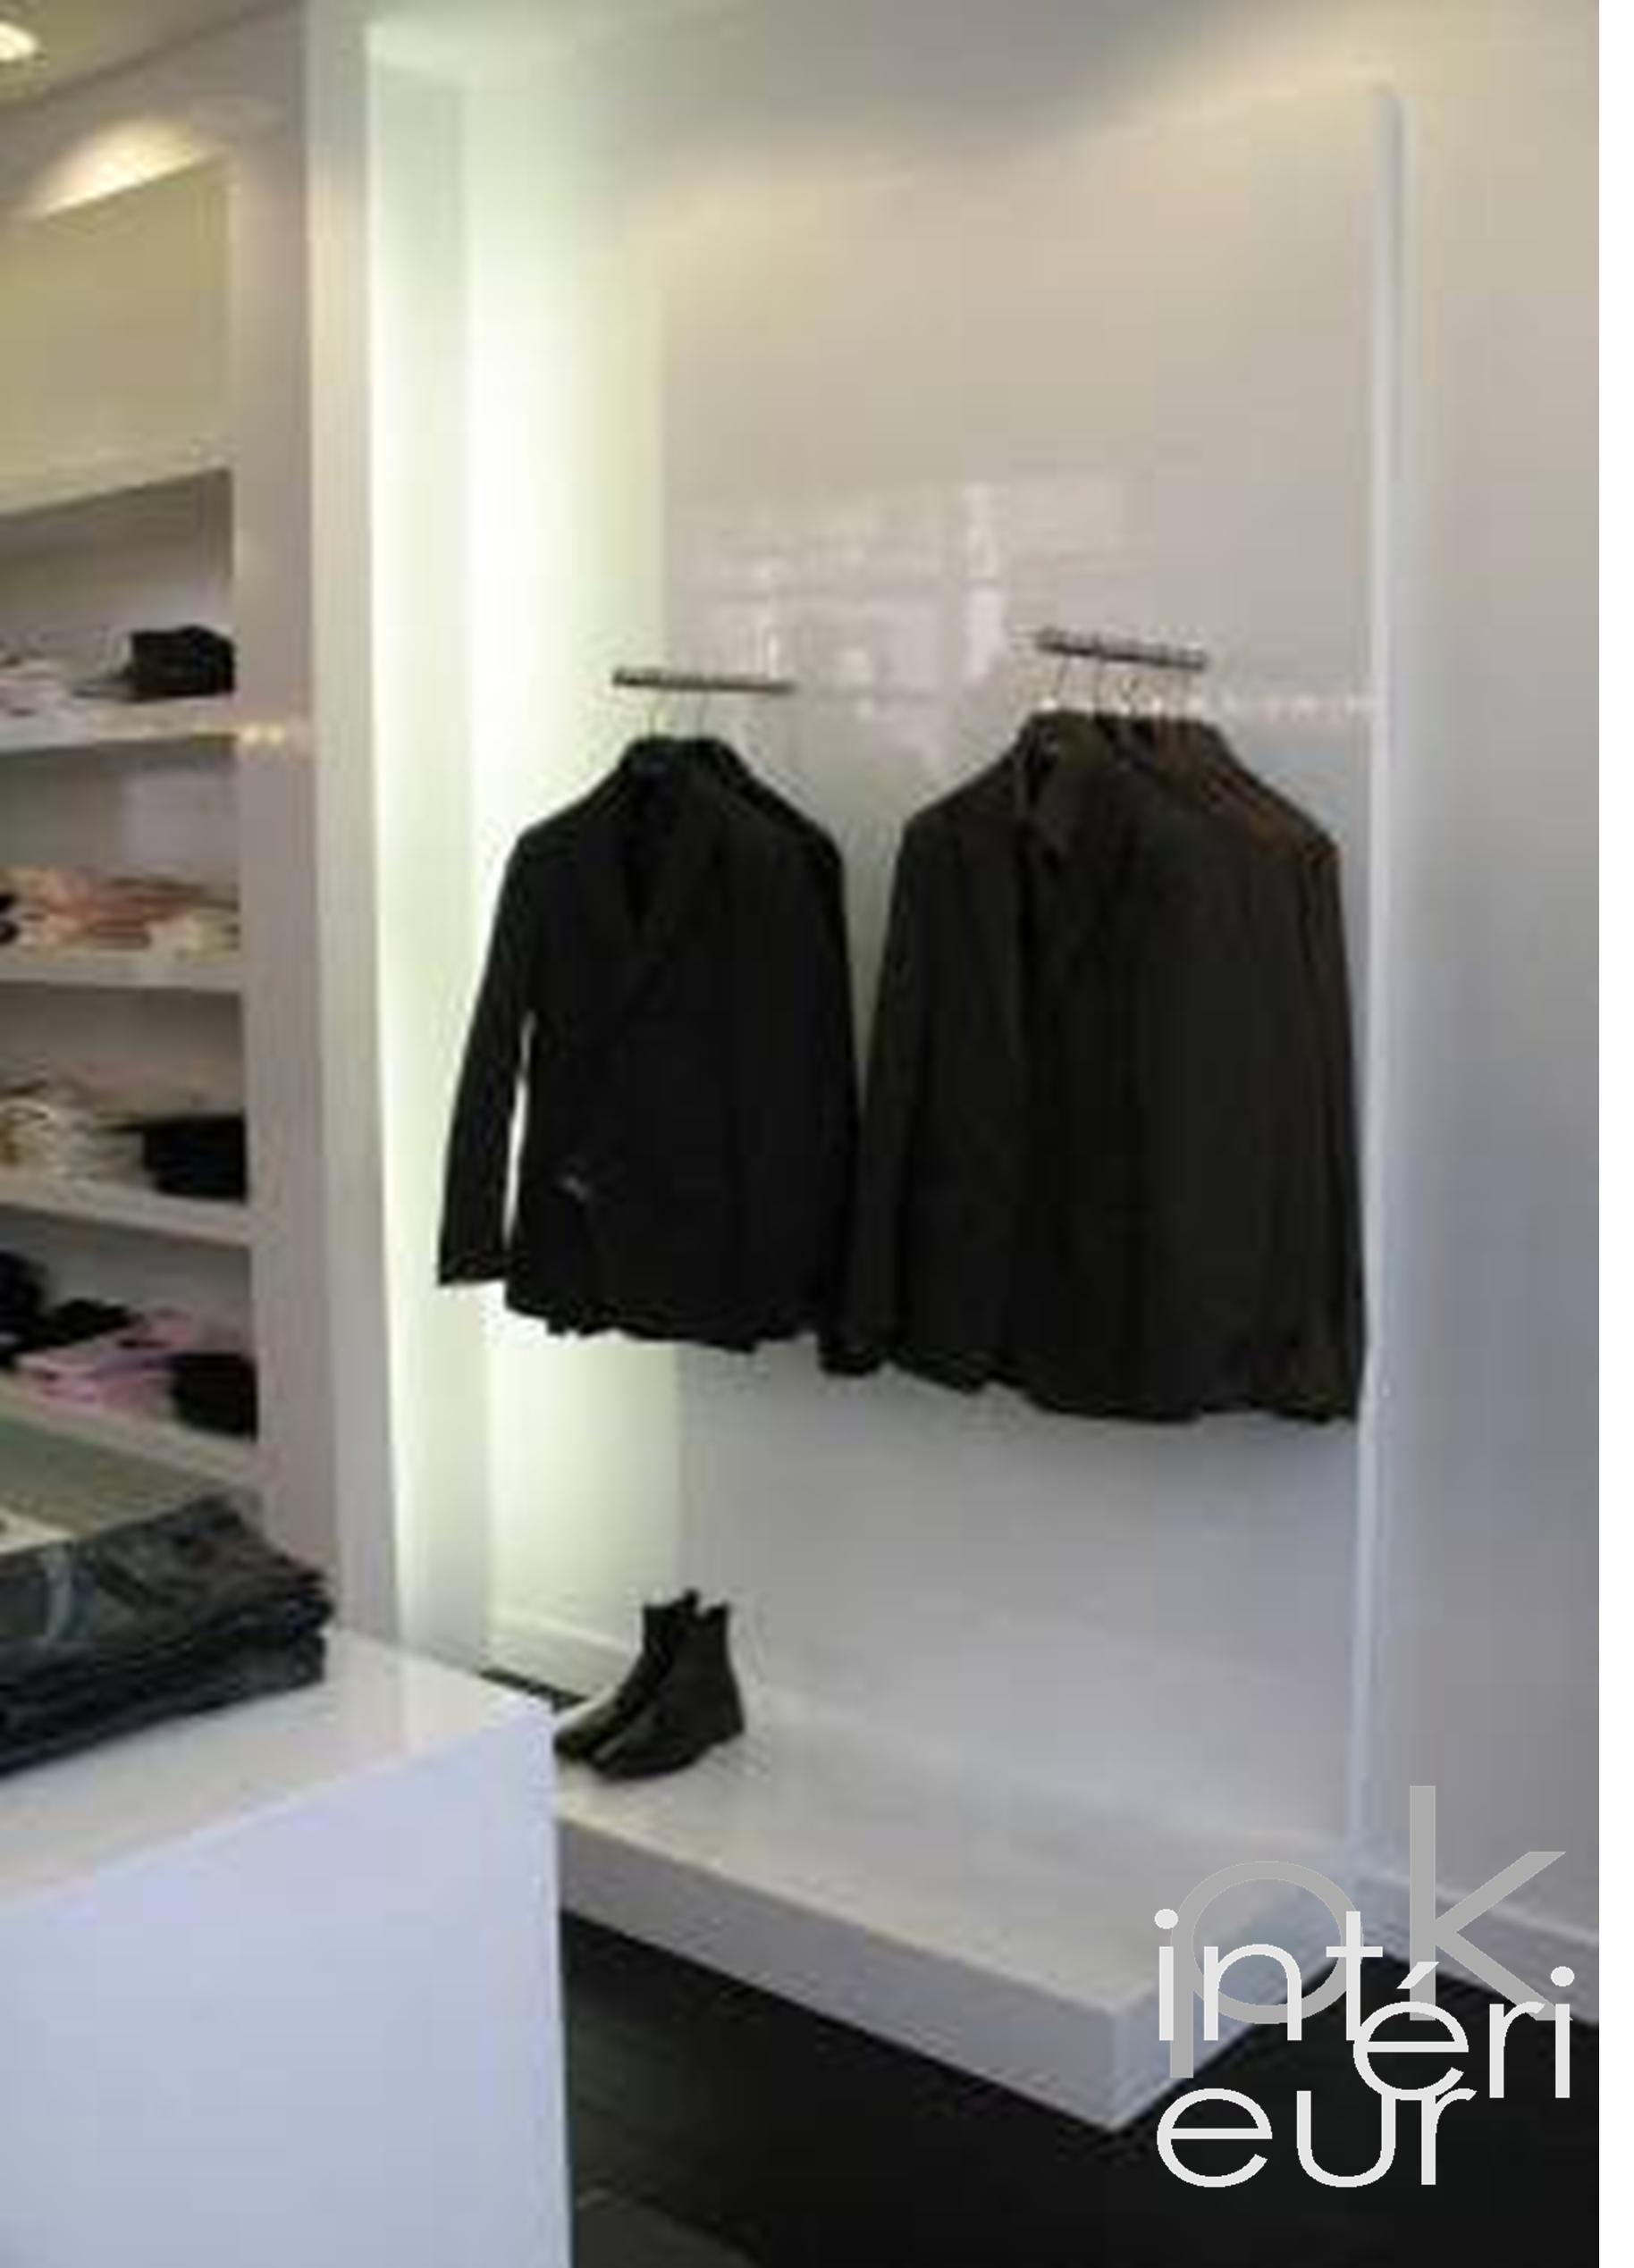 #756B5622387144 PK INTERIEUR Design Ontwerp Inrichting En Advies Voor Uw Winkel En  Meest recente Design Meubels Arnhem 2051 pic 182825382051 Ontwerp